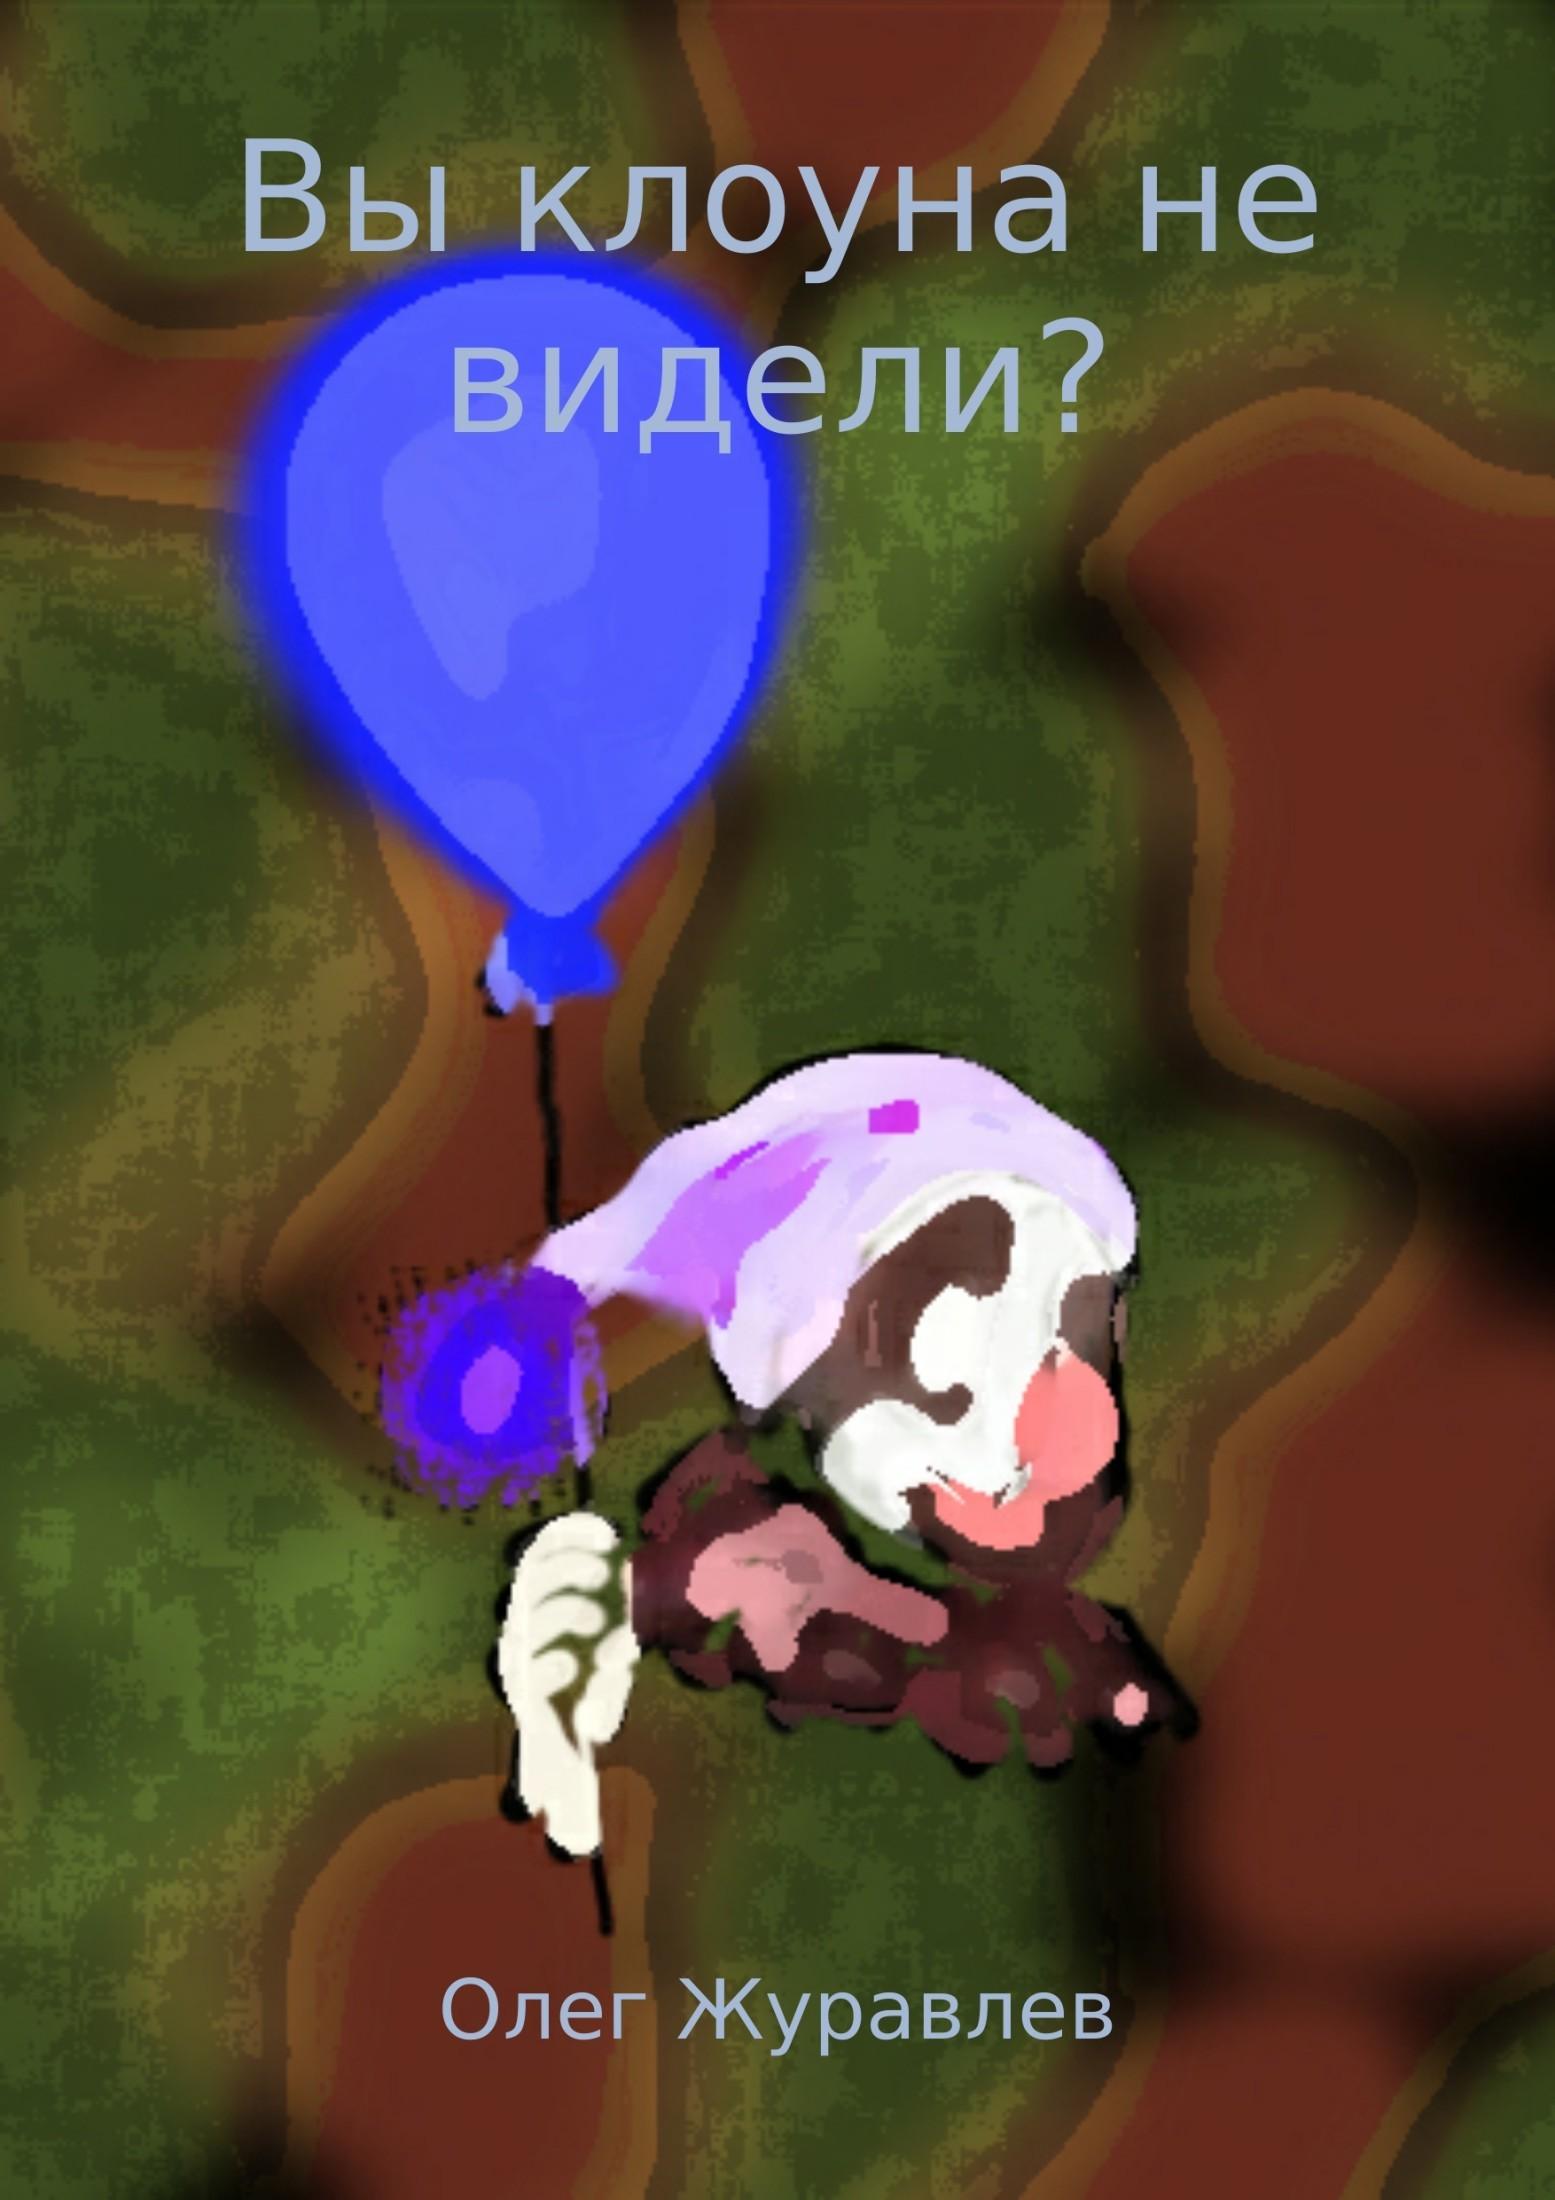 Олег Николаевич Журавлев Вы клоуна не видели? Рассказ лузанов олег николаевич жуки момбасы